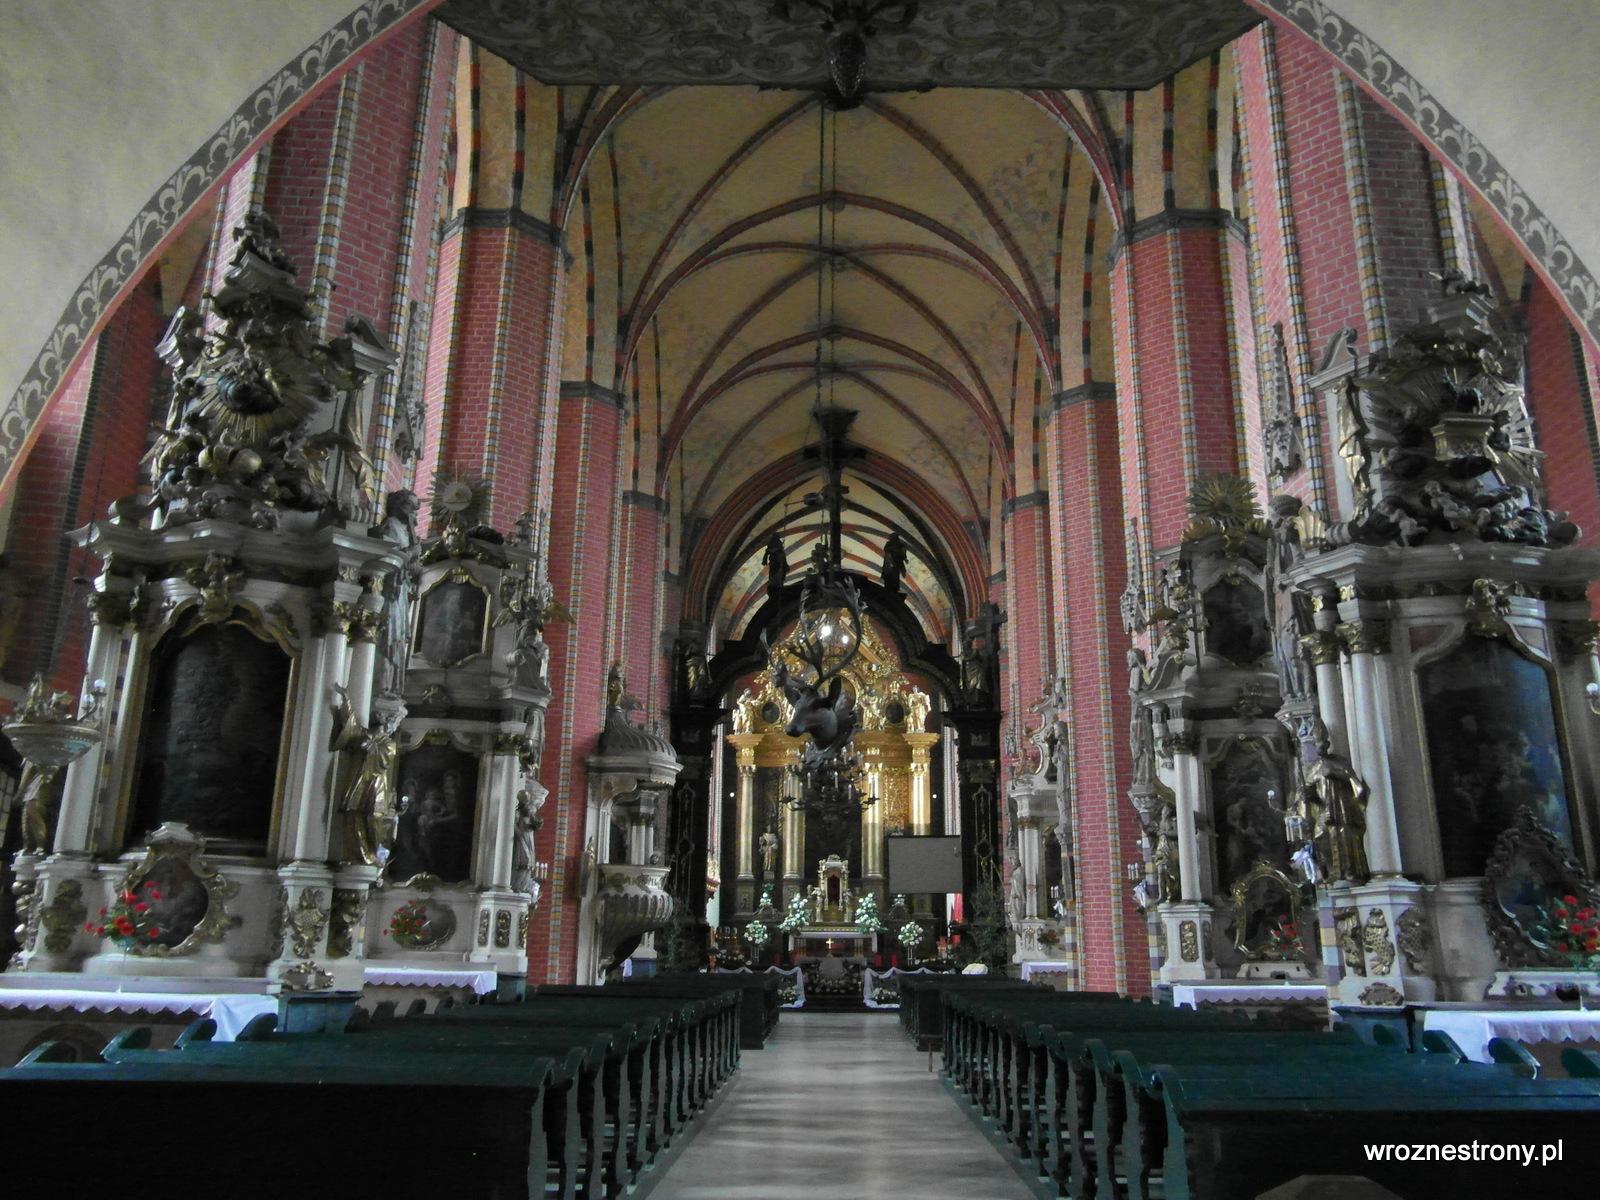 kościół Wniebowzięcia Najświętszej Maryi Panny,